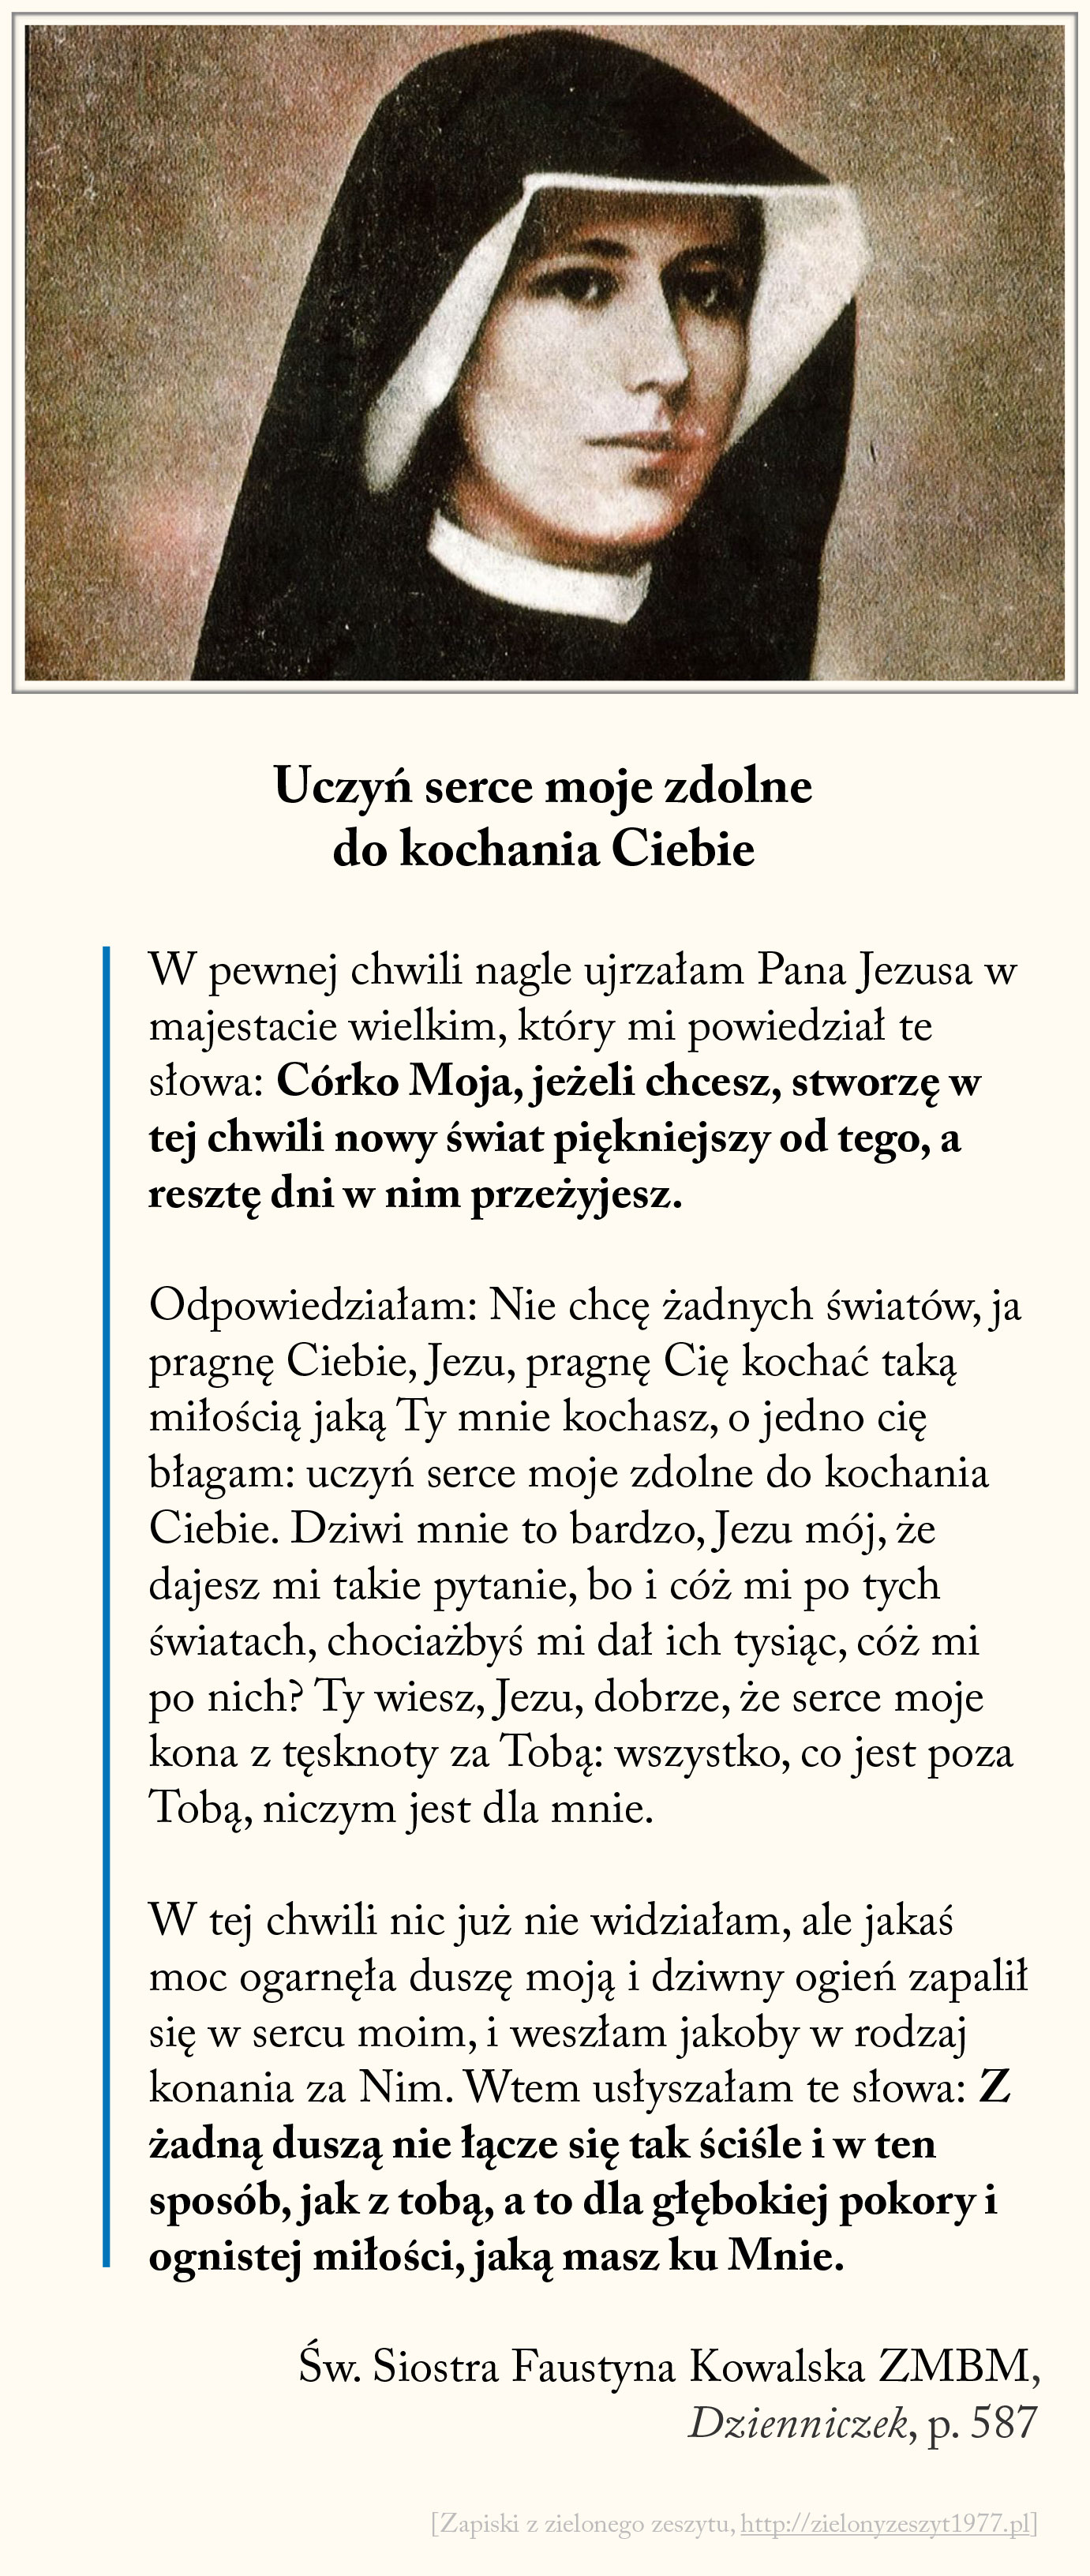 Uczyń serce moje zdolne do kochania Ciebie, św. Faustyna Kowalska